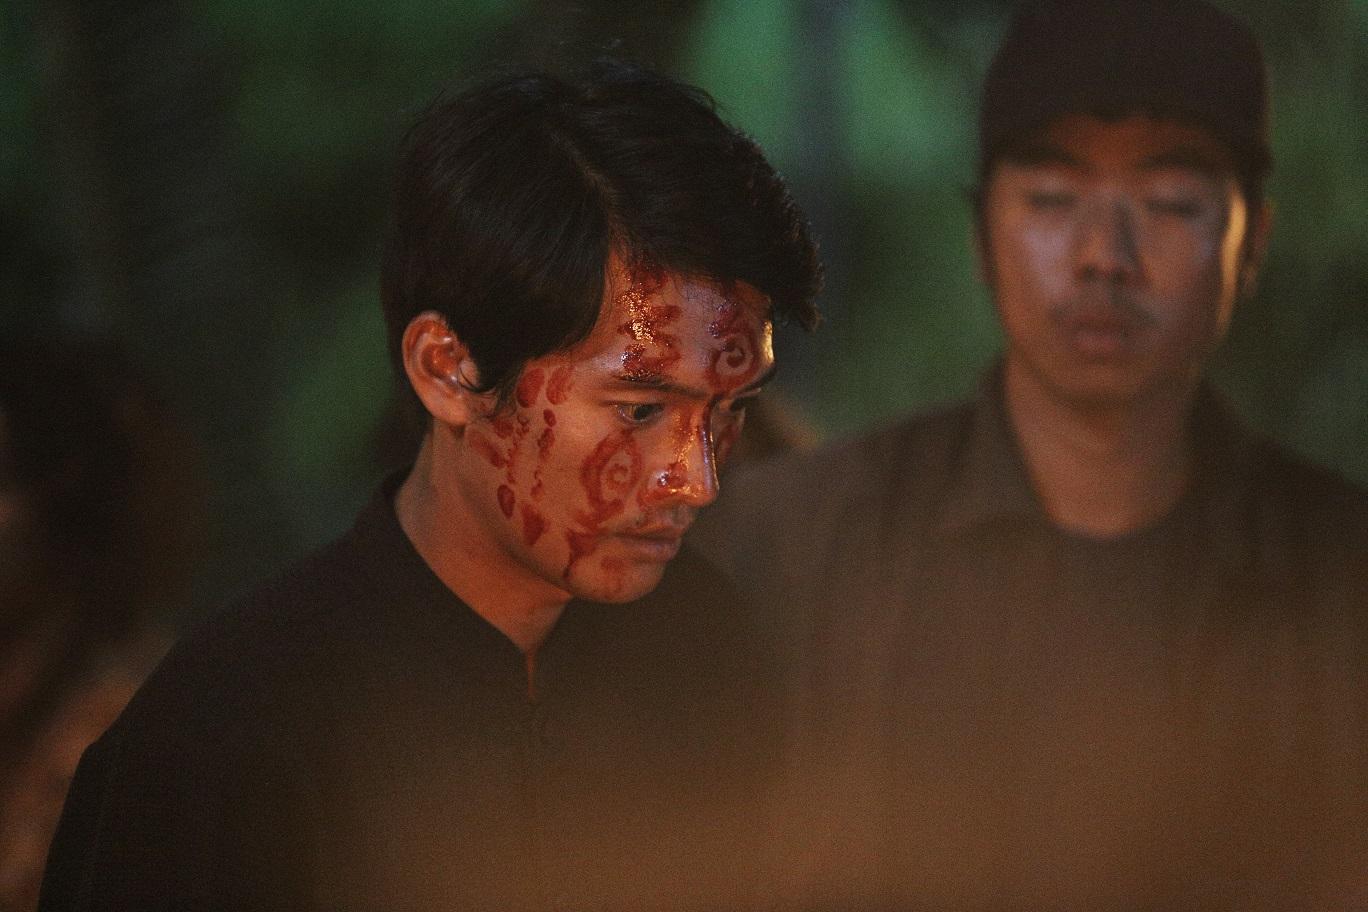 改編自民間信仰「古曼童」,震驚越南的真實恐怖事件